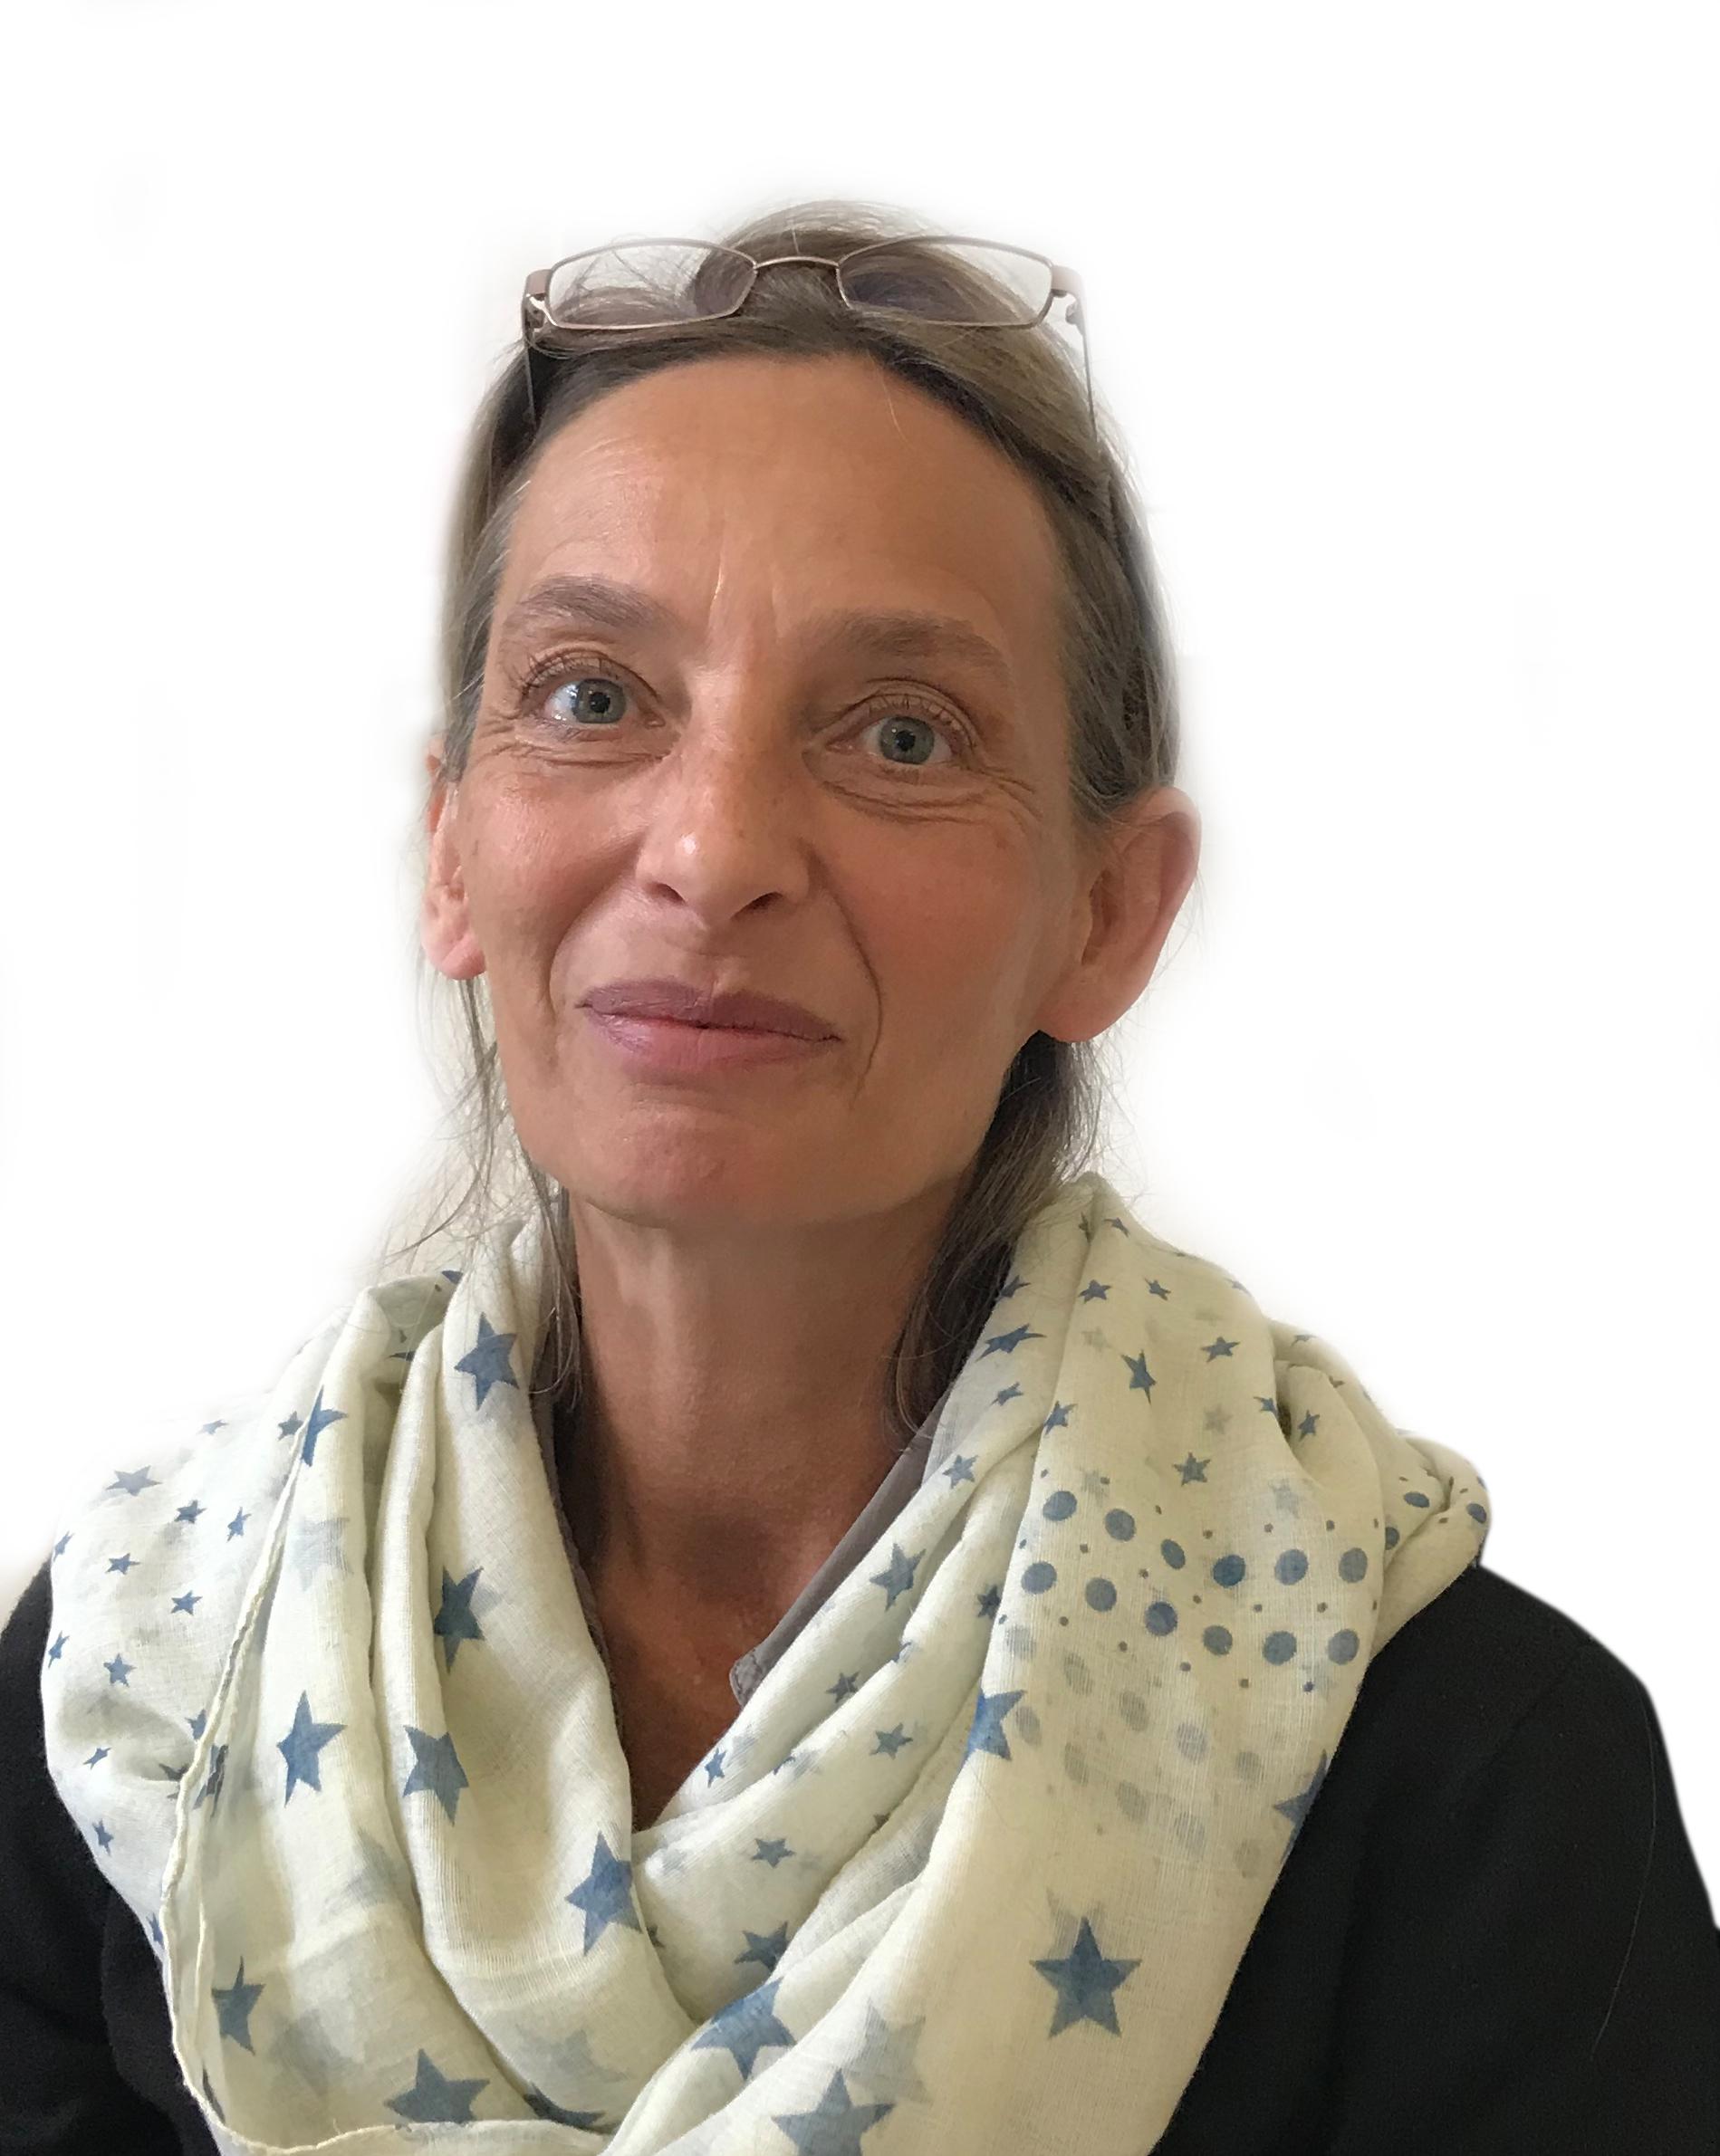 Patricia Reifenhausen